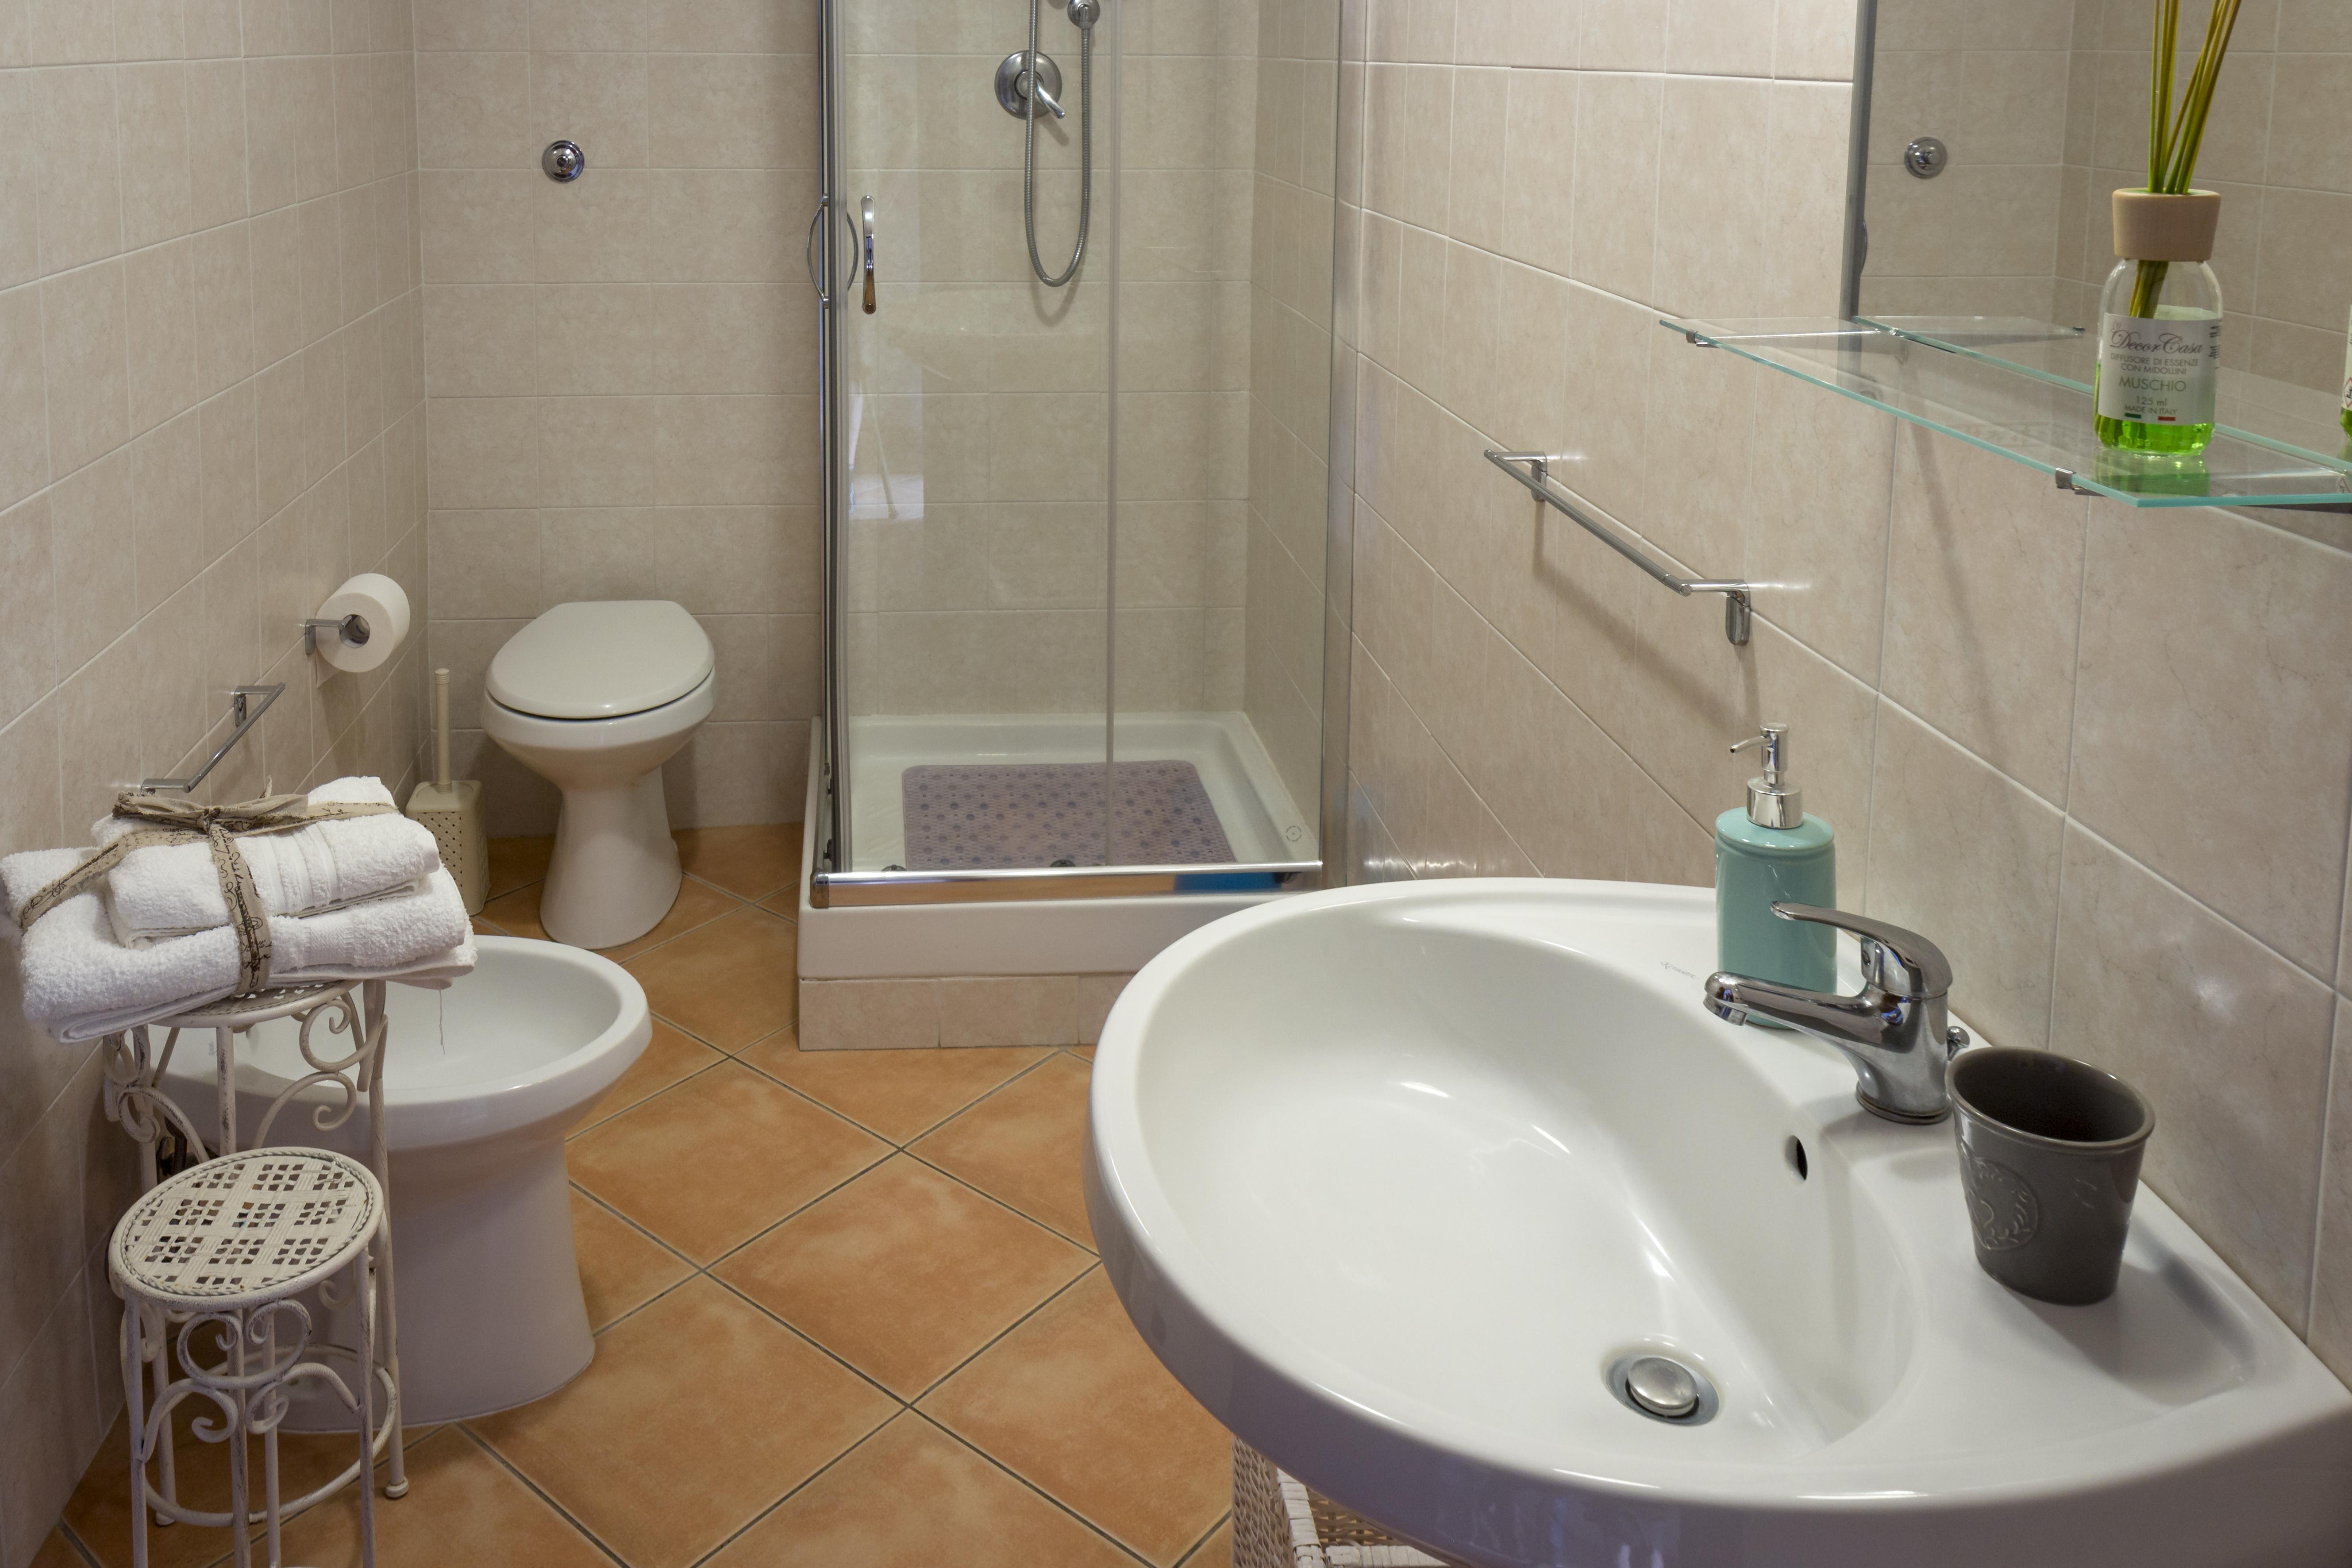 bagno privato b&b